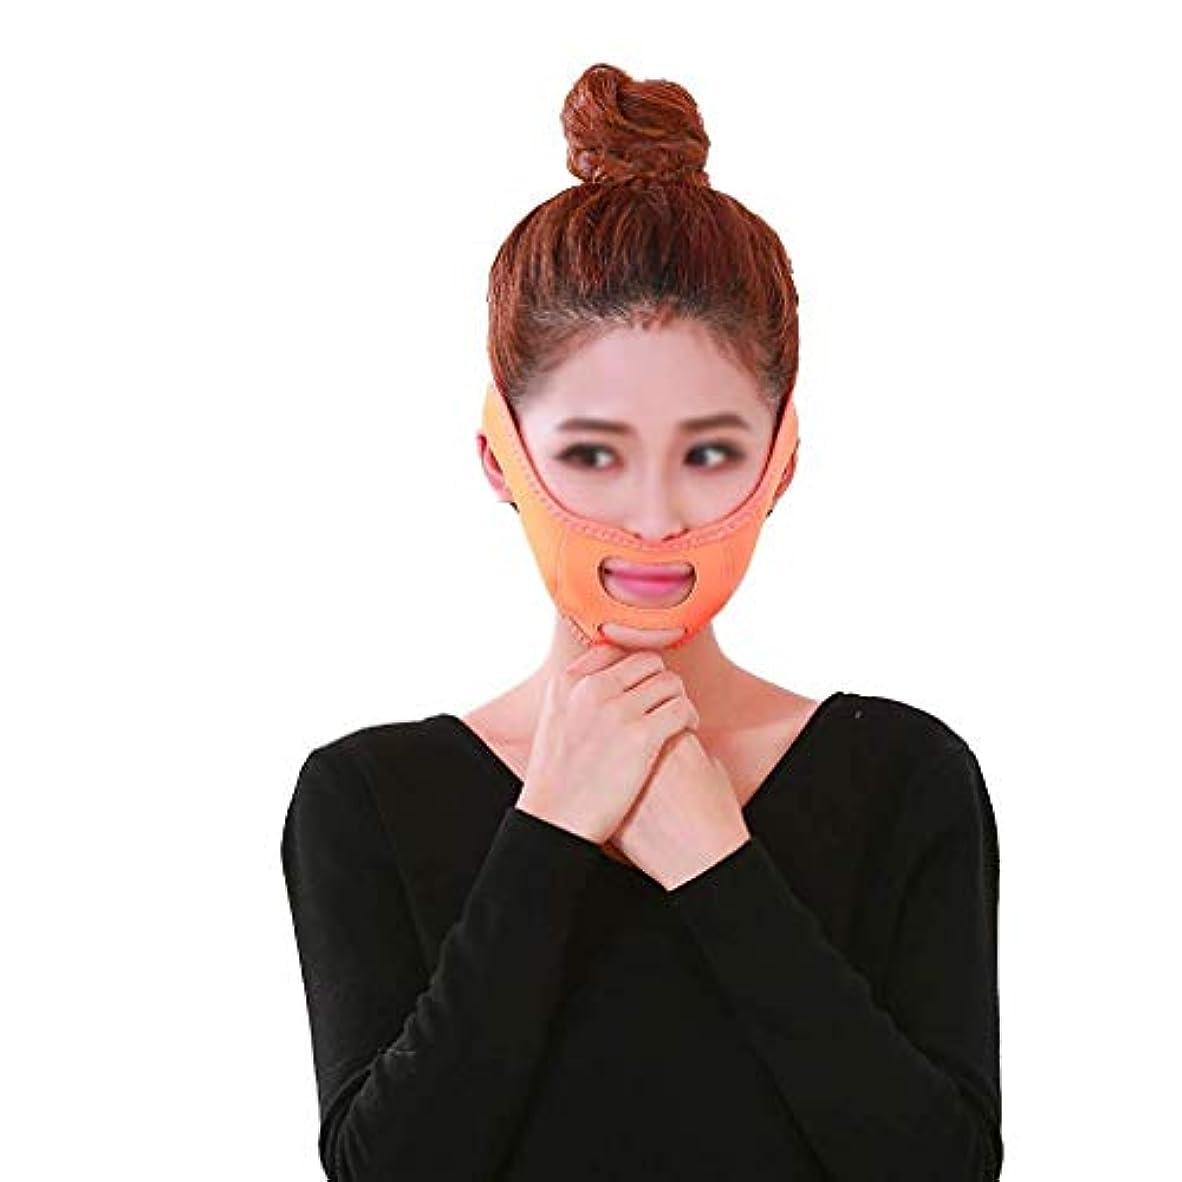 スリッパダルセットつかの間フェイスリフトフェイシャル、肌のリラクゼーションを防ぐタイトなVフェイスマスクVフェイスアーティファクトフェイスリフトバンデージフェイスケア(色:オレンジ)